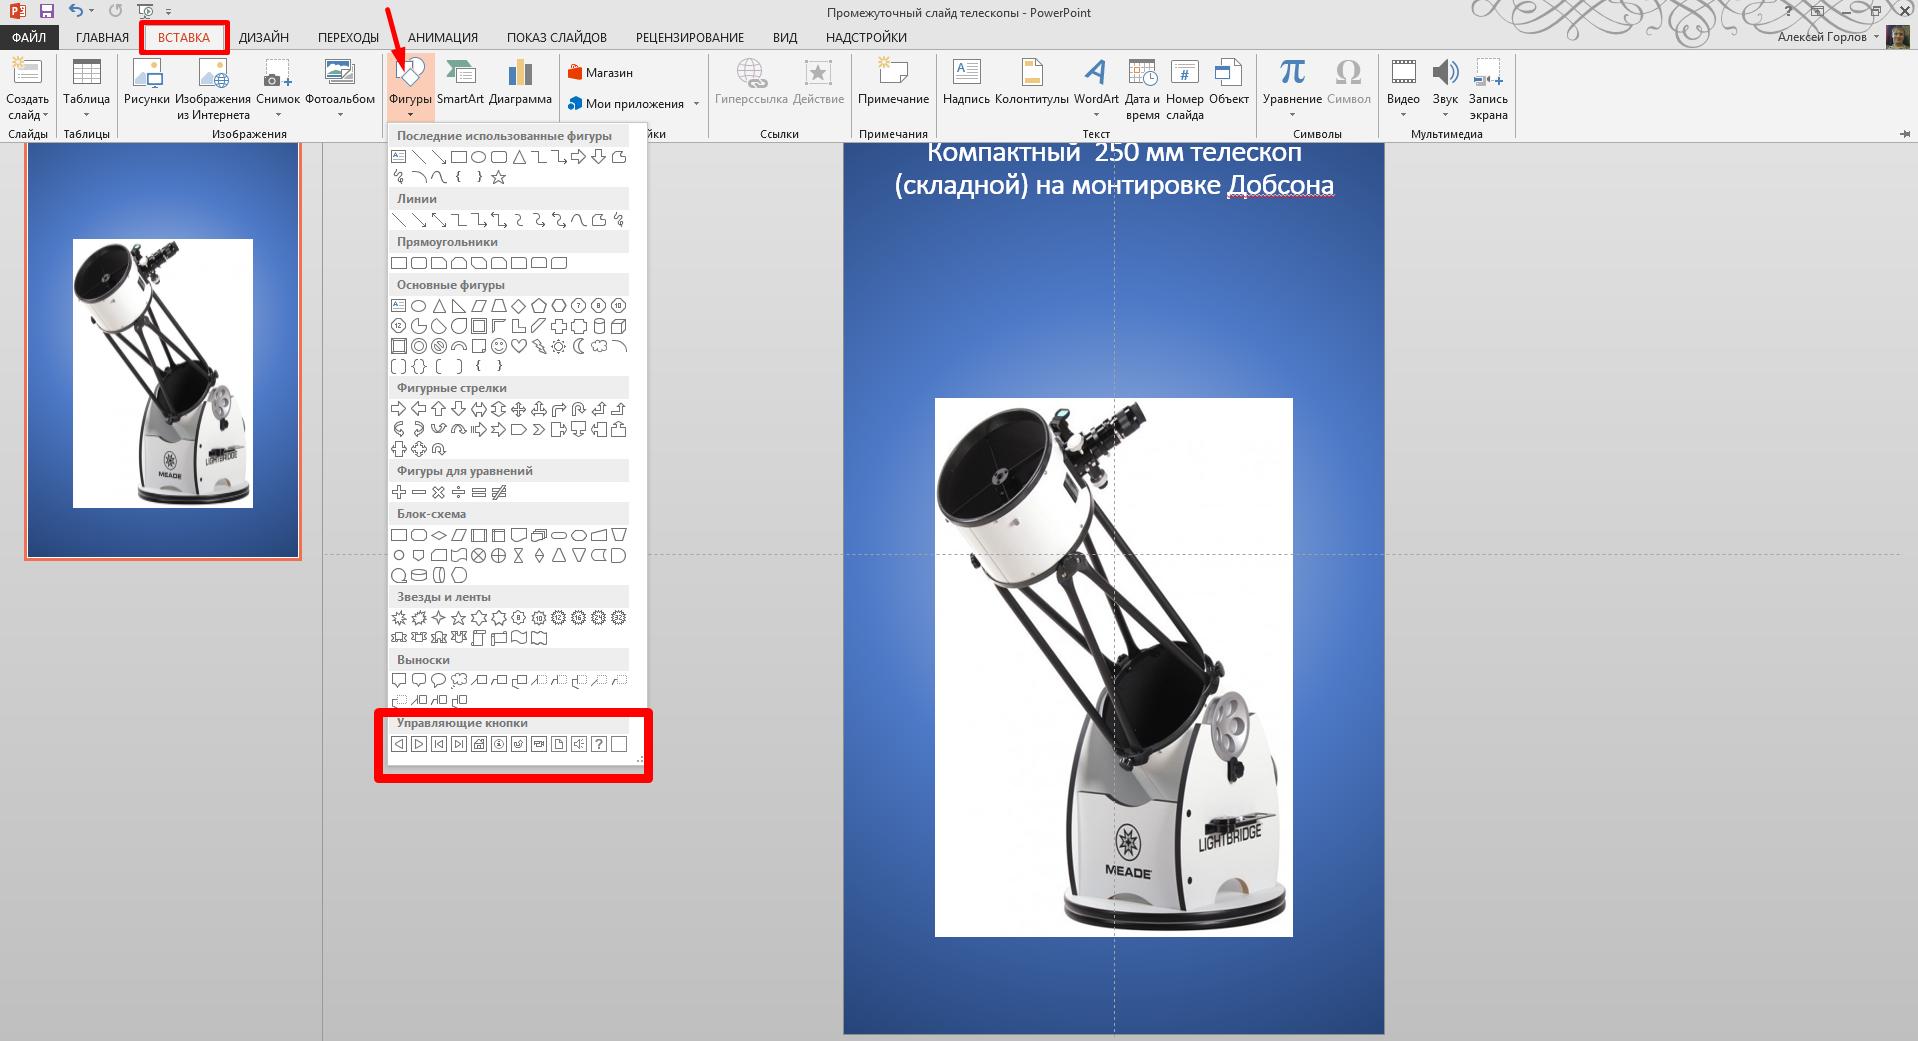 как сделать переходы в презентации powerpoint 2003